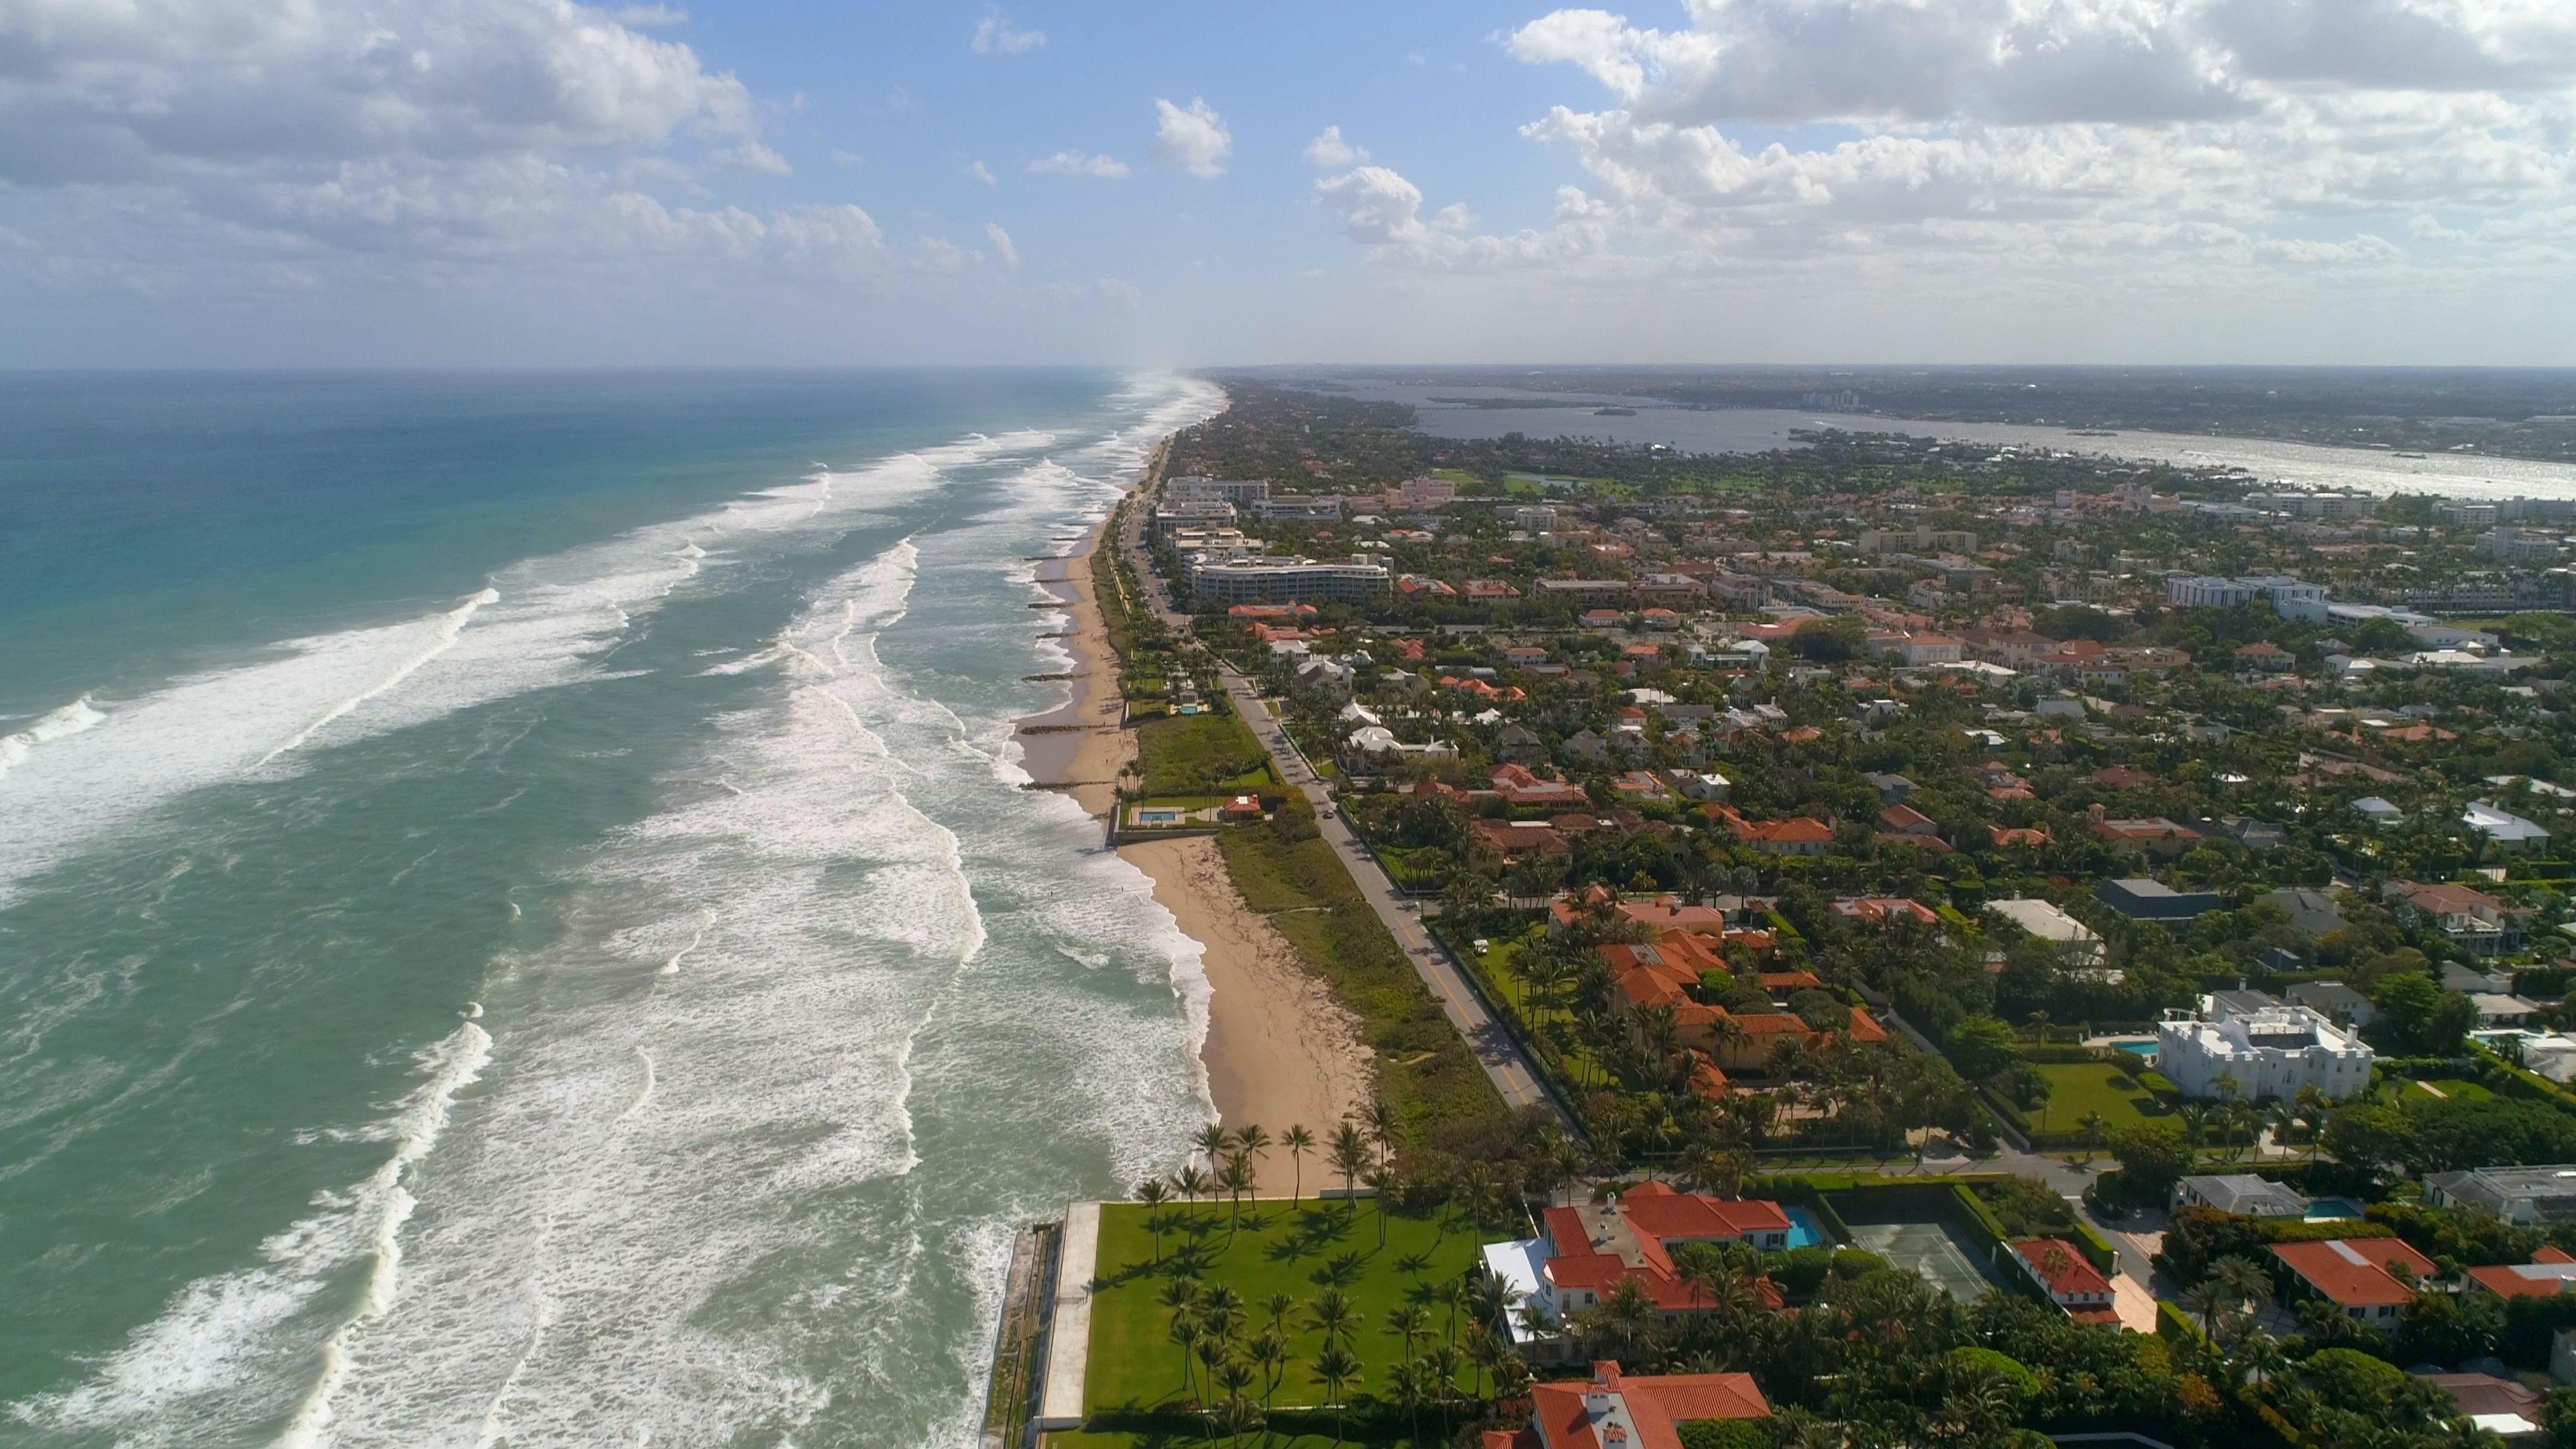 Aerial Drone Palm Beach Coastline 4k 60p Stock Footage Palm Beach Aerial Drone Palm Beach Atlantic Beach Aerial Drone